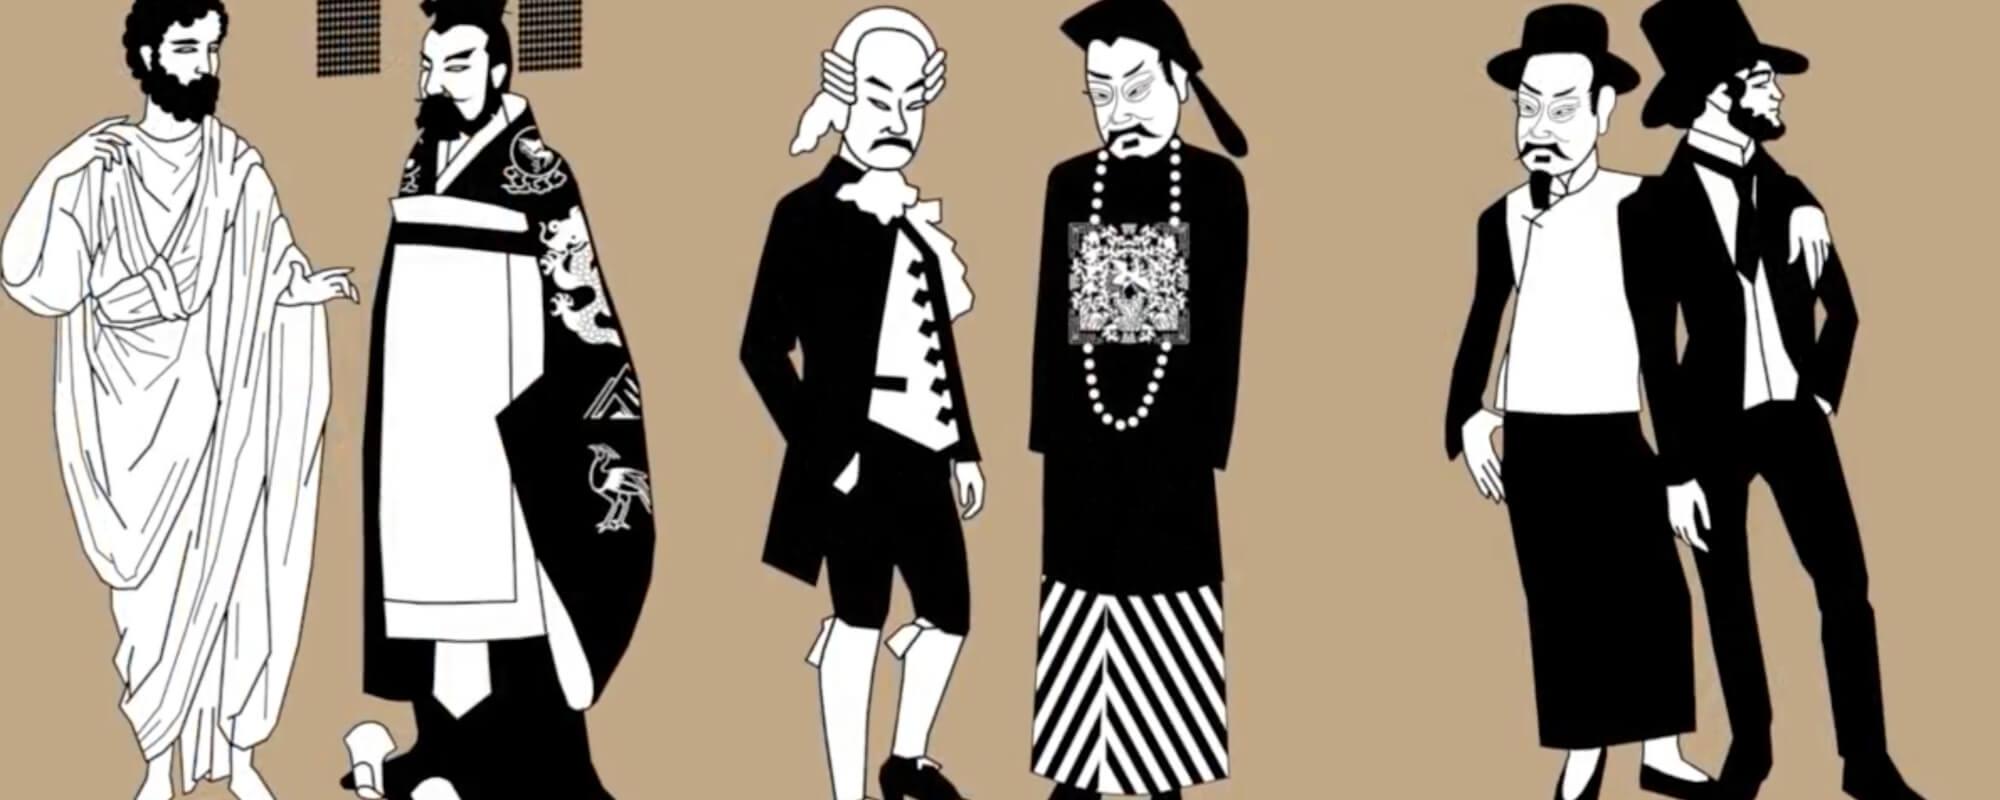 各個年代的男裝,呈現各個年代的文化和美學。